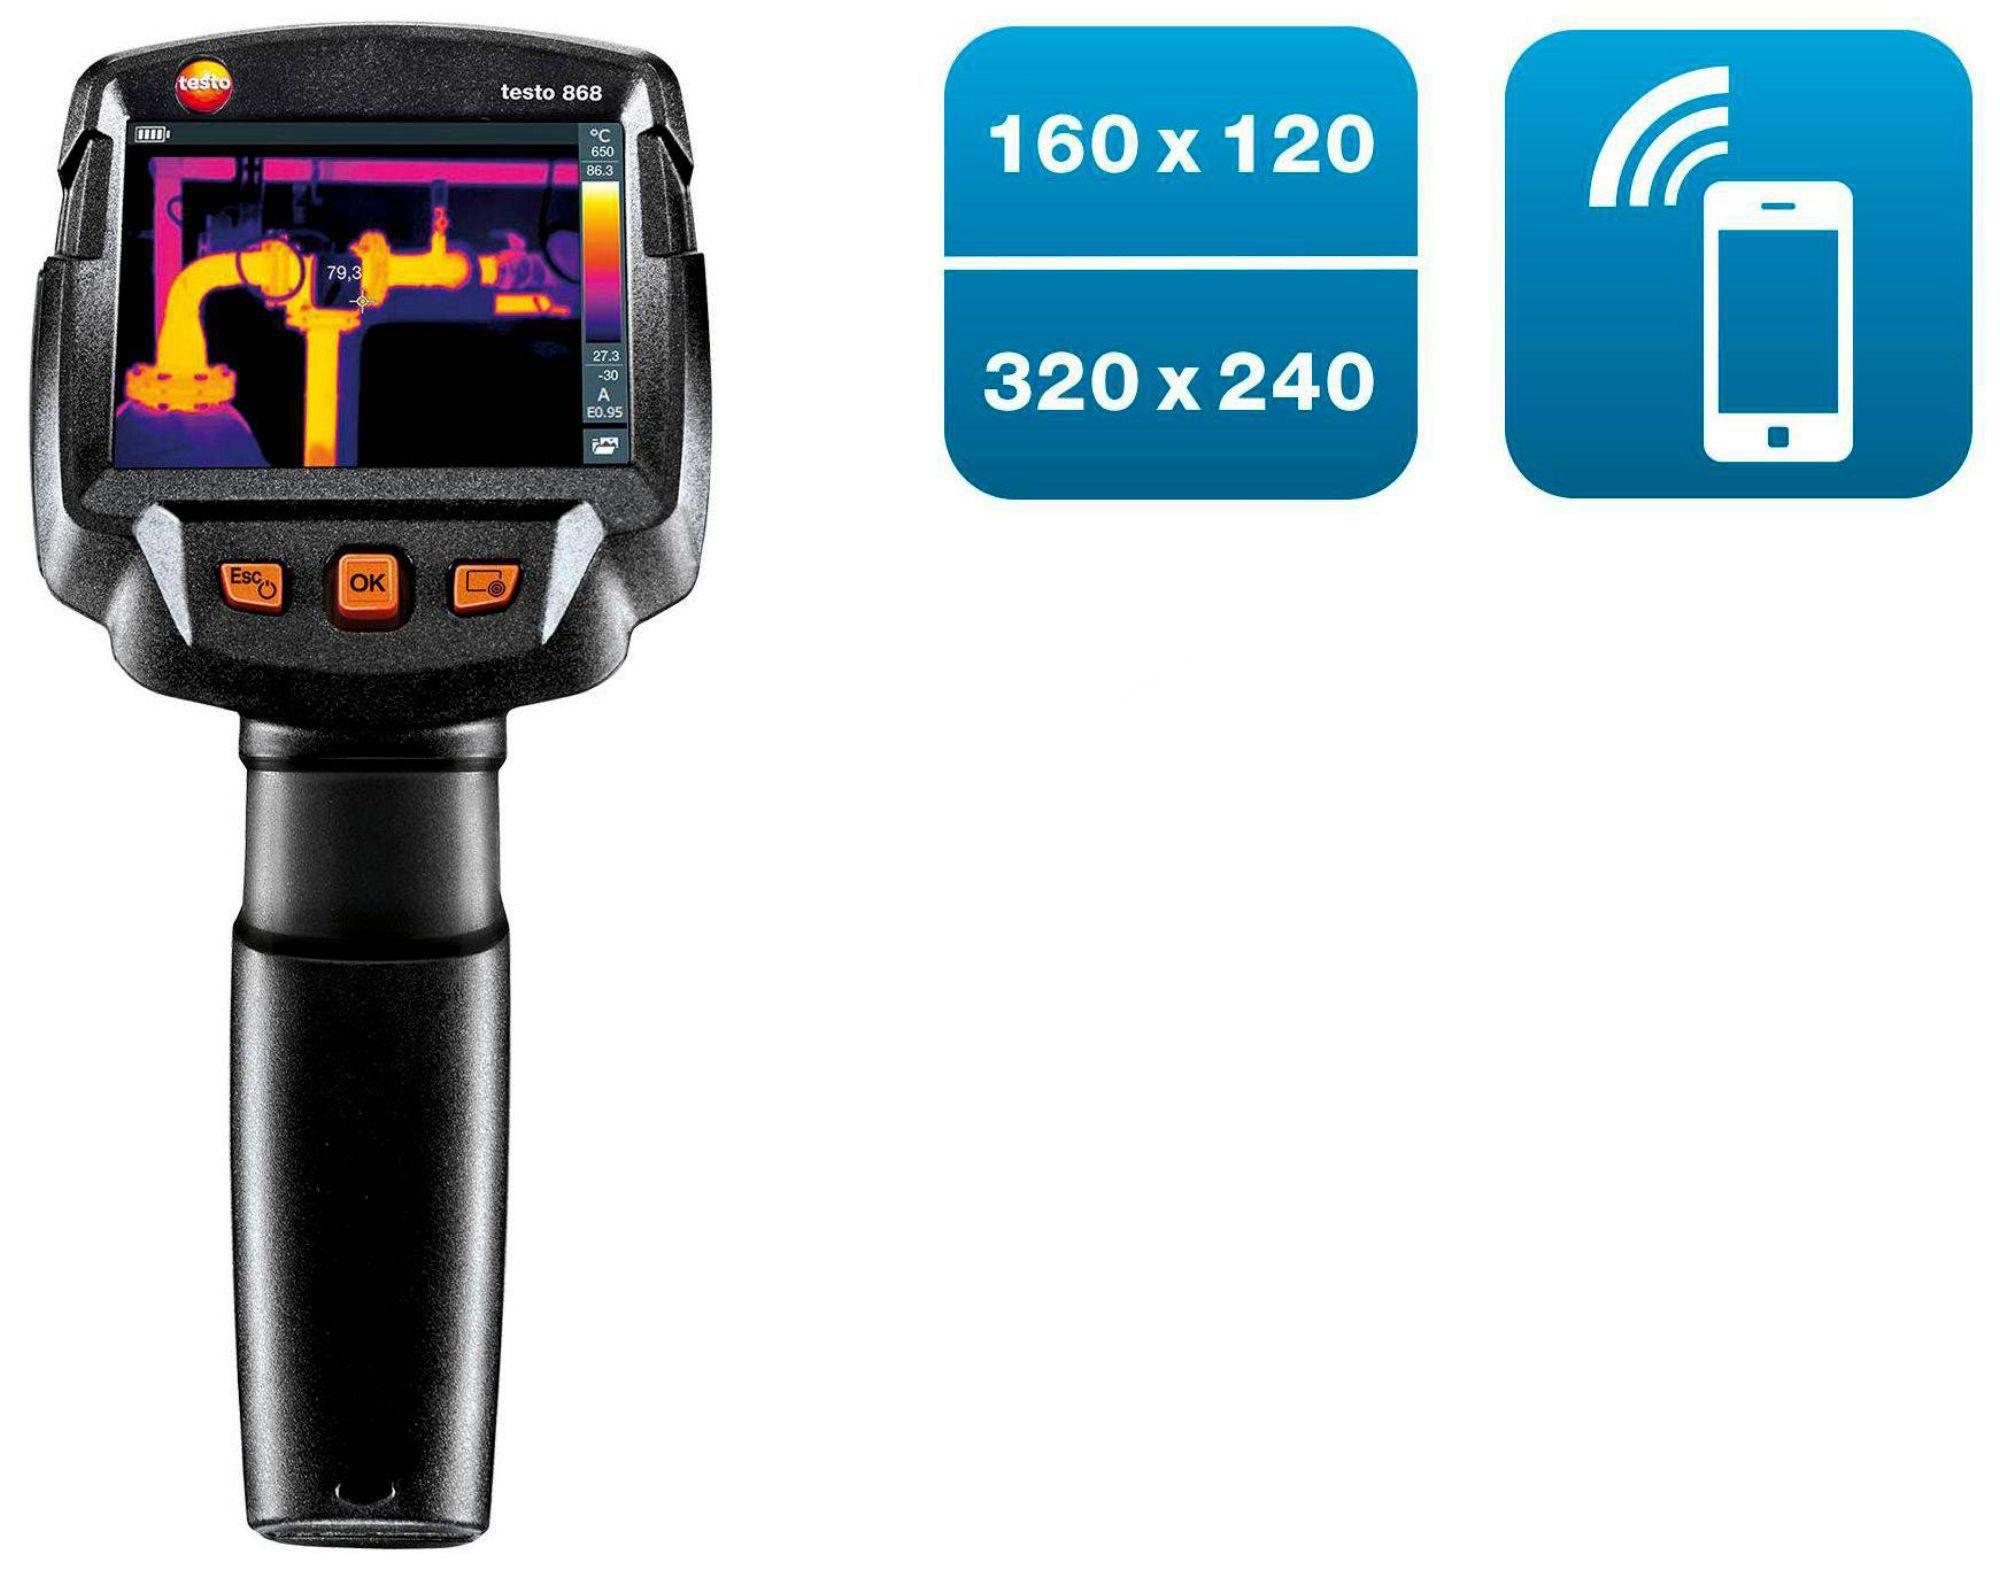 Cámara termográfica testo 868